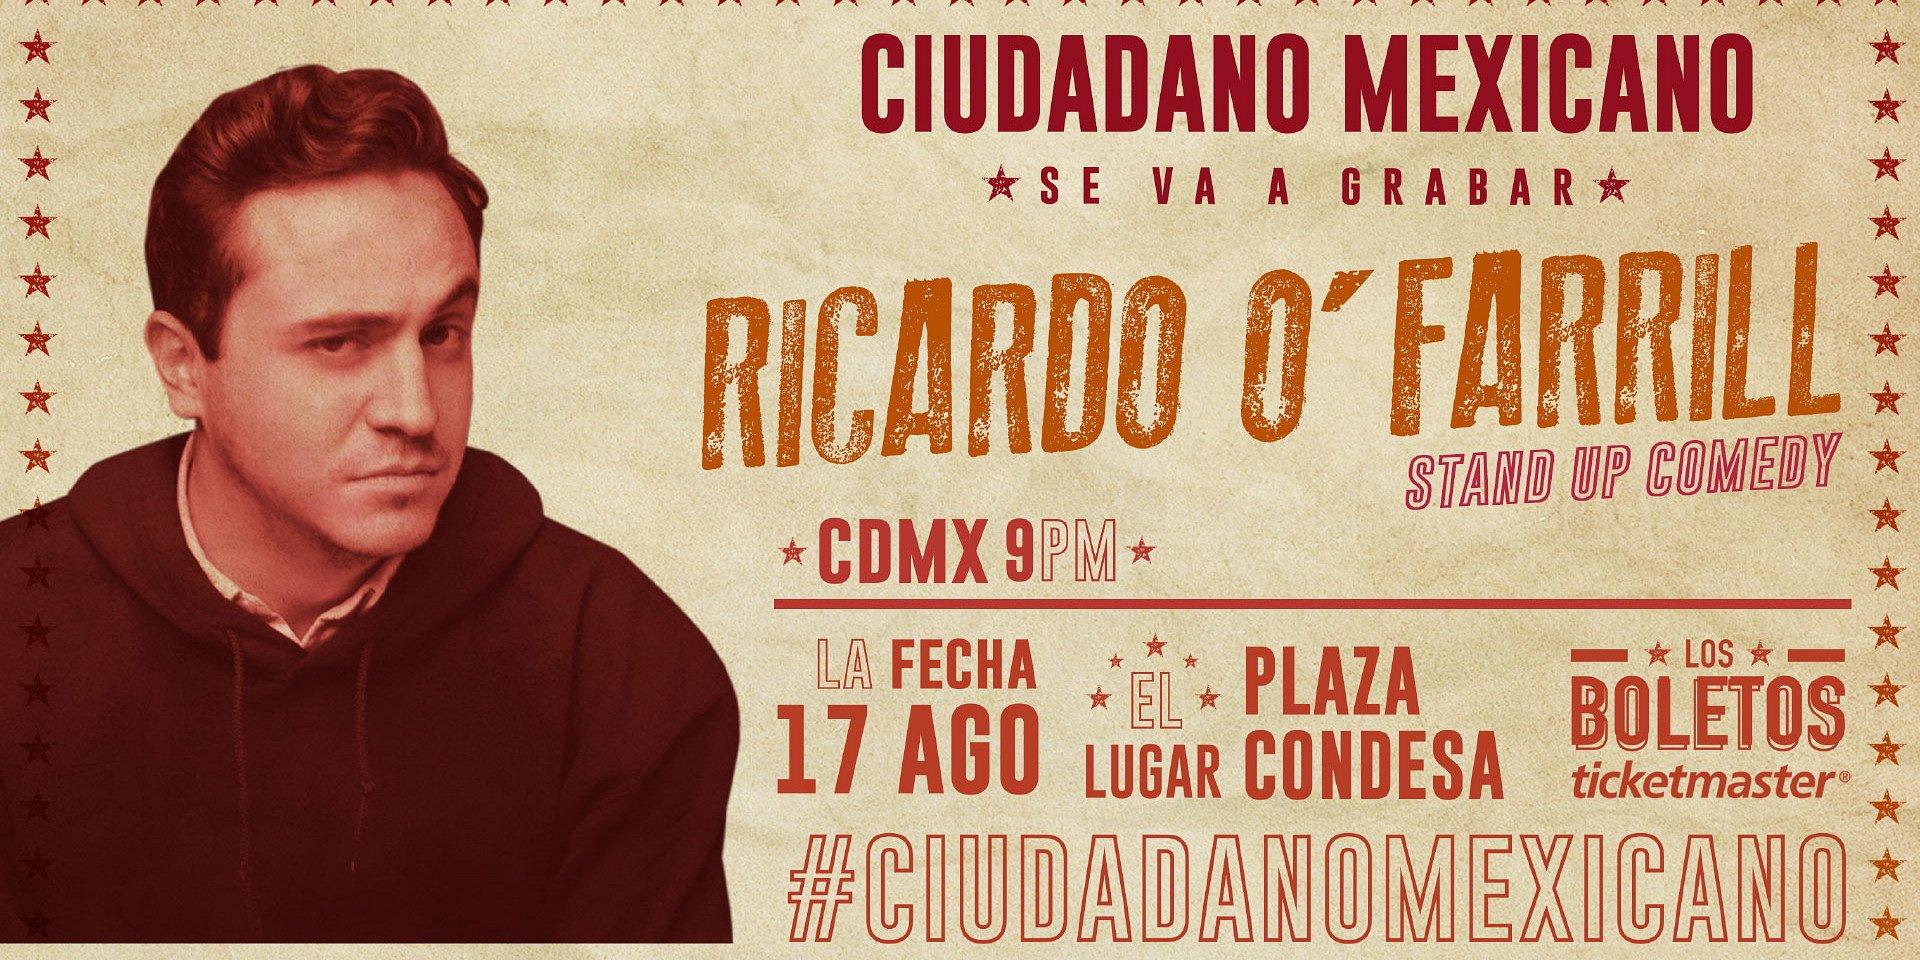 Ricardo O'Farrill en El Plaza Condesa